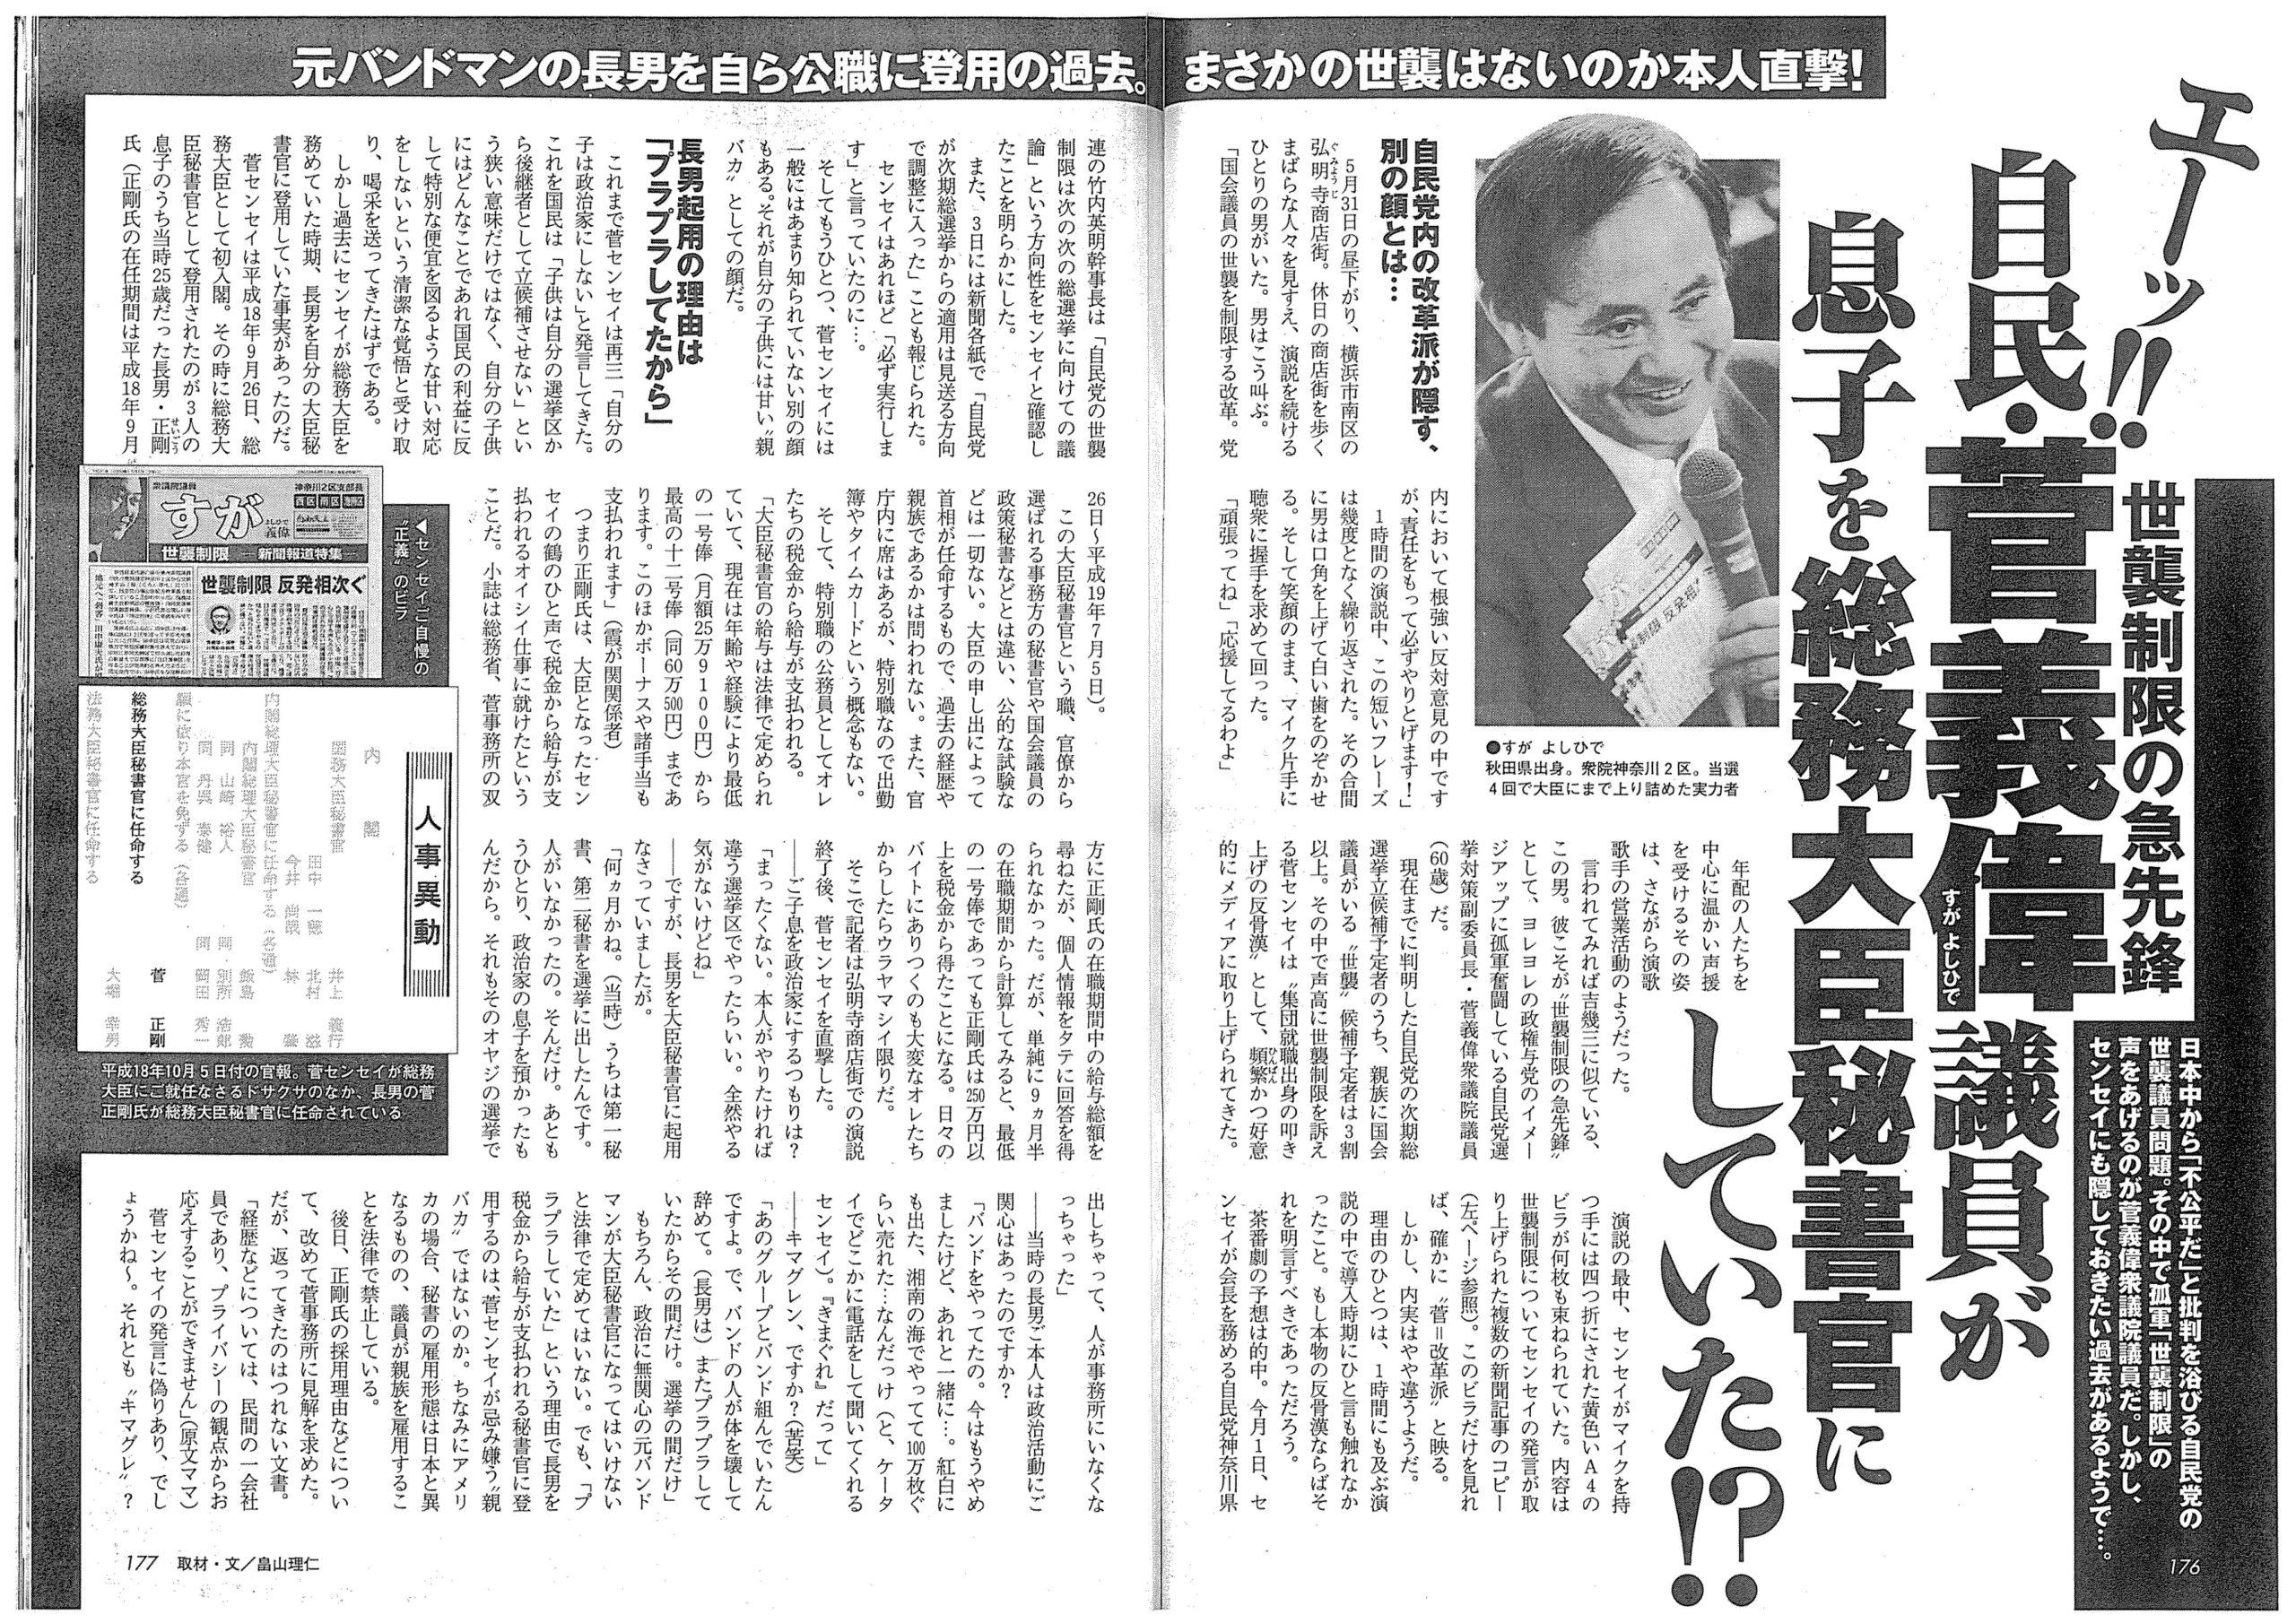 週刊プレイボーイNo.252009年6月8日発売号 菅義偉 長男